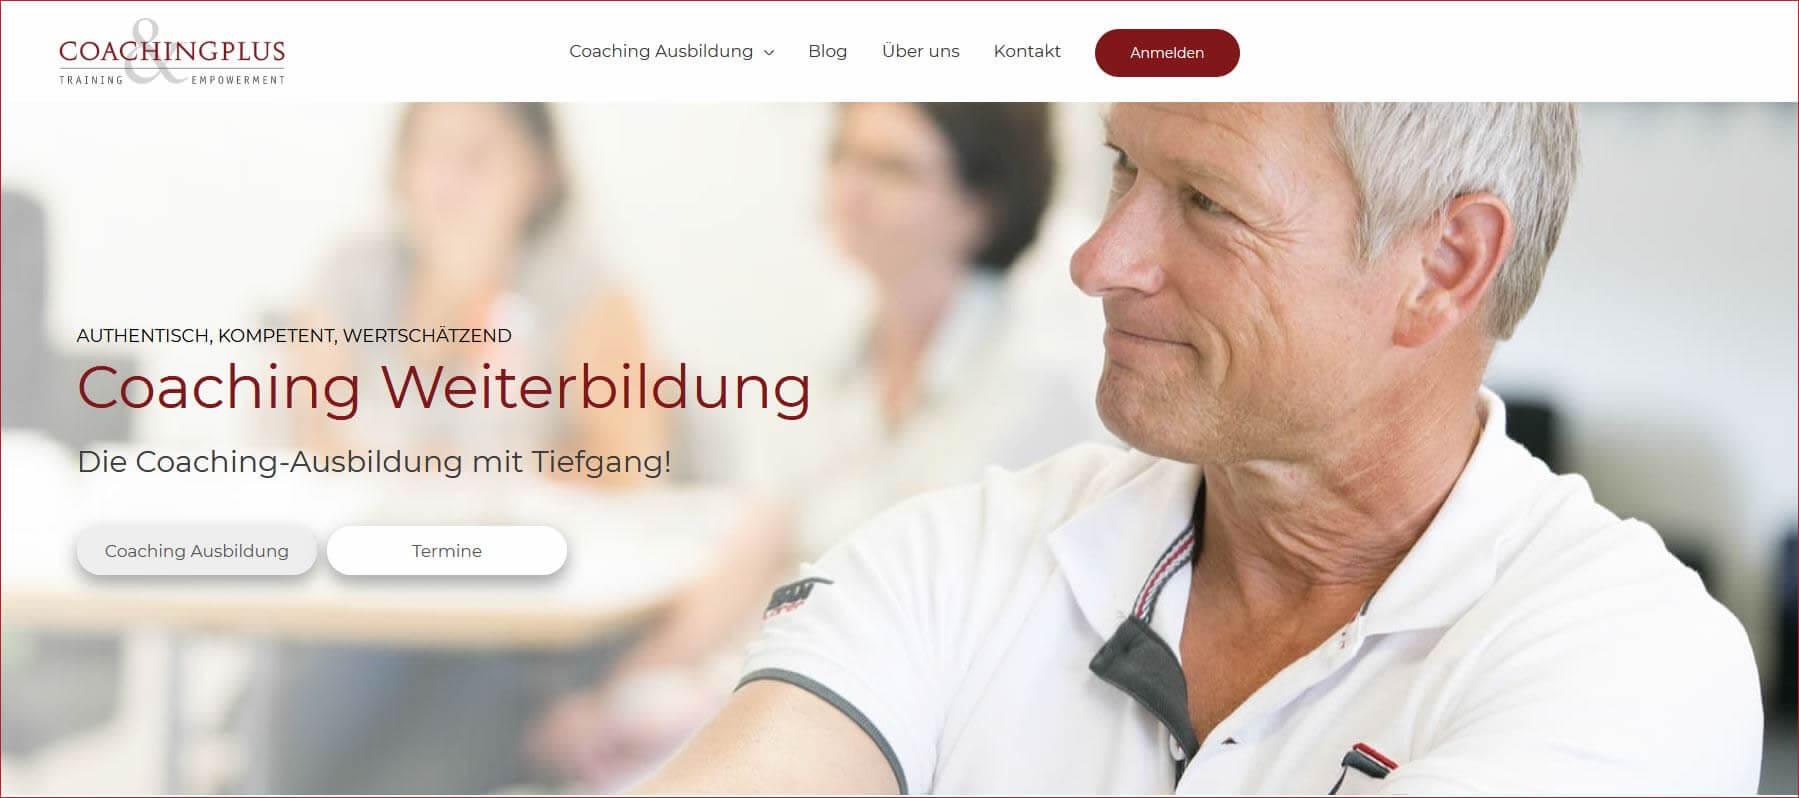 Coaching Ausbildung, Region Zürich